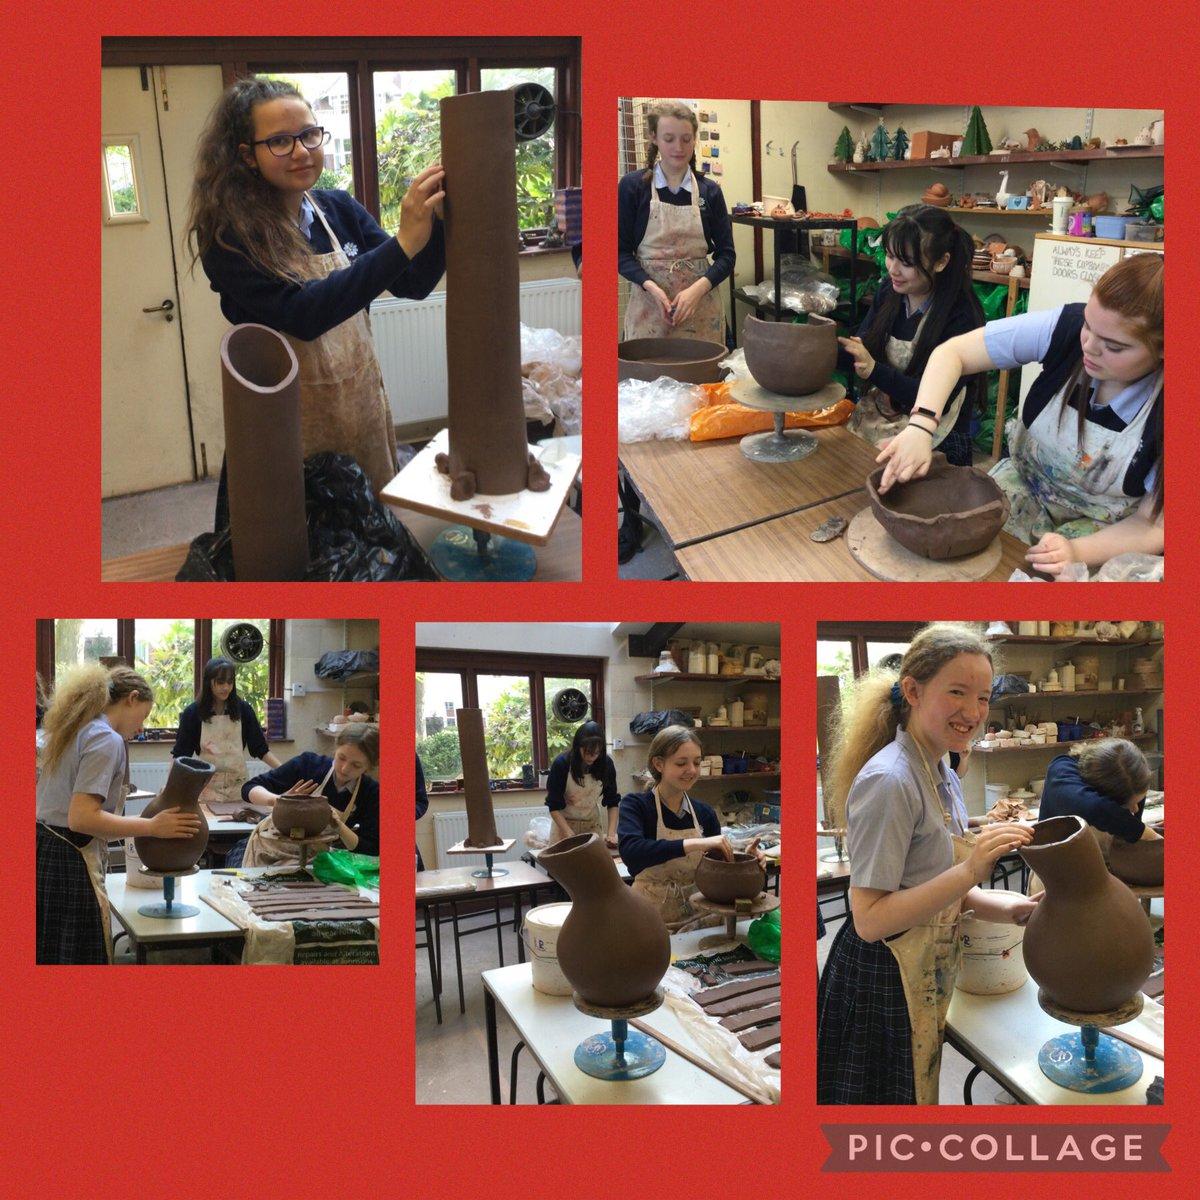 Wow! Year10's ceramics project in progress today. Looking great girls! @MountSchoolYork @SchoolMountArt @MountSchAssoc #art #schoolart https://t.co/YfxM4ZgqfU